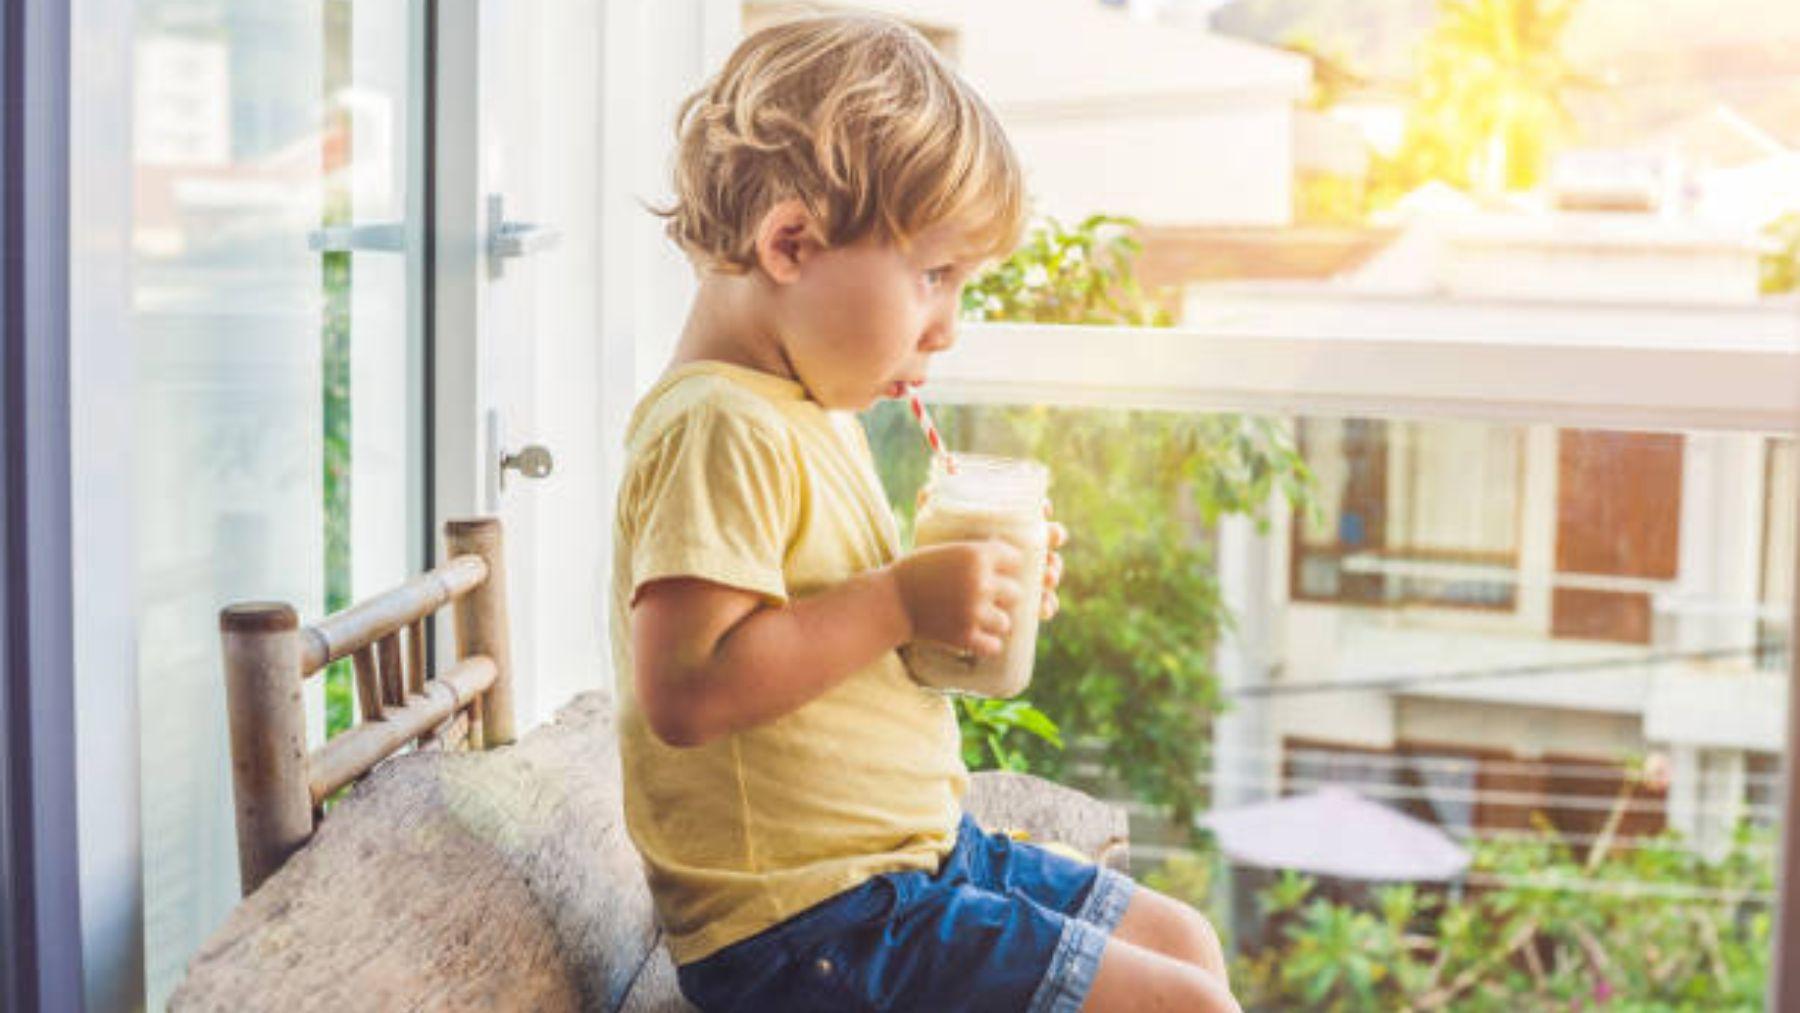 Descubre qué meriendas frescas podemos hacer a los niños en verano